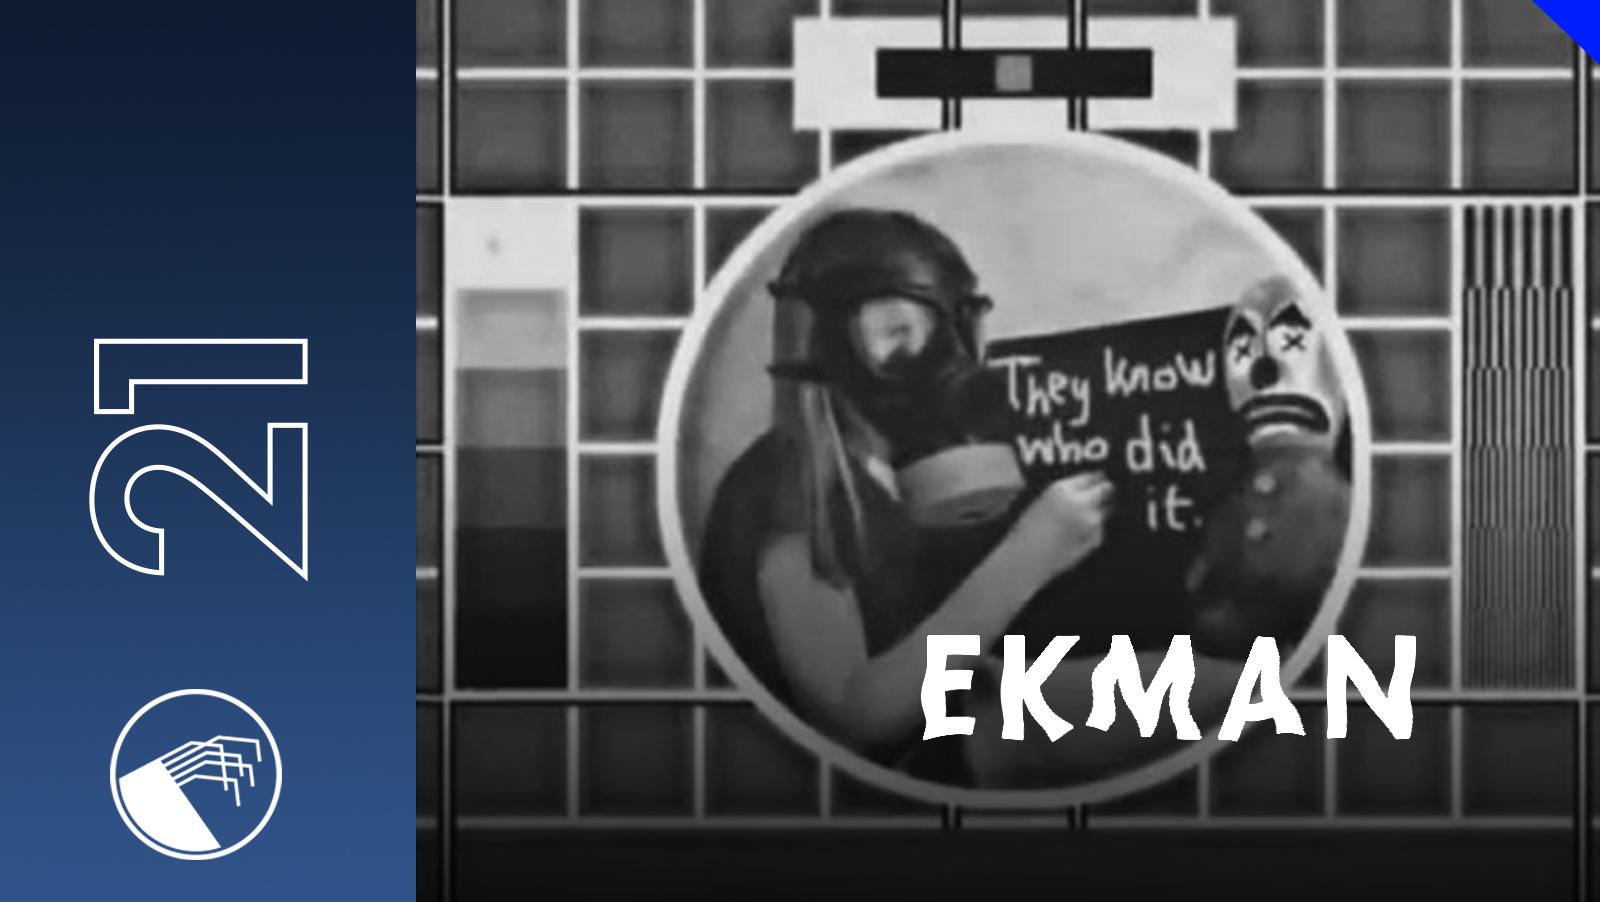 021 Ekman